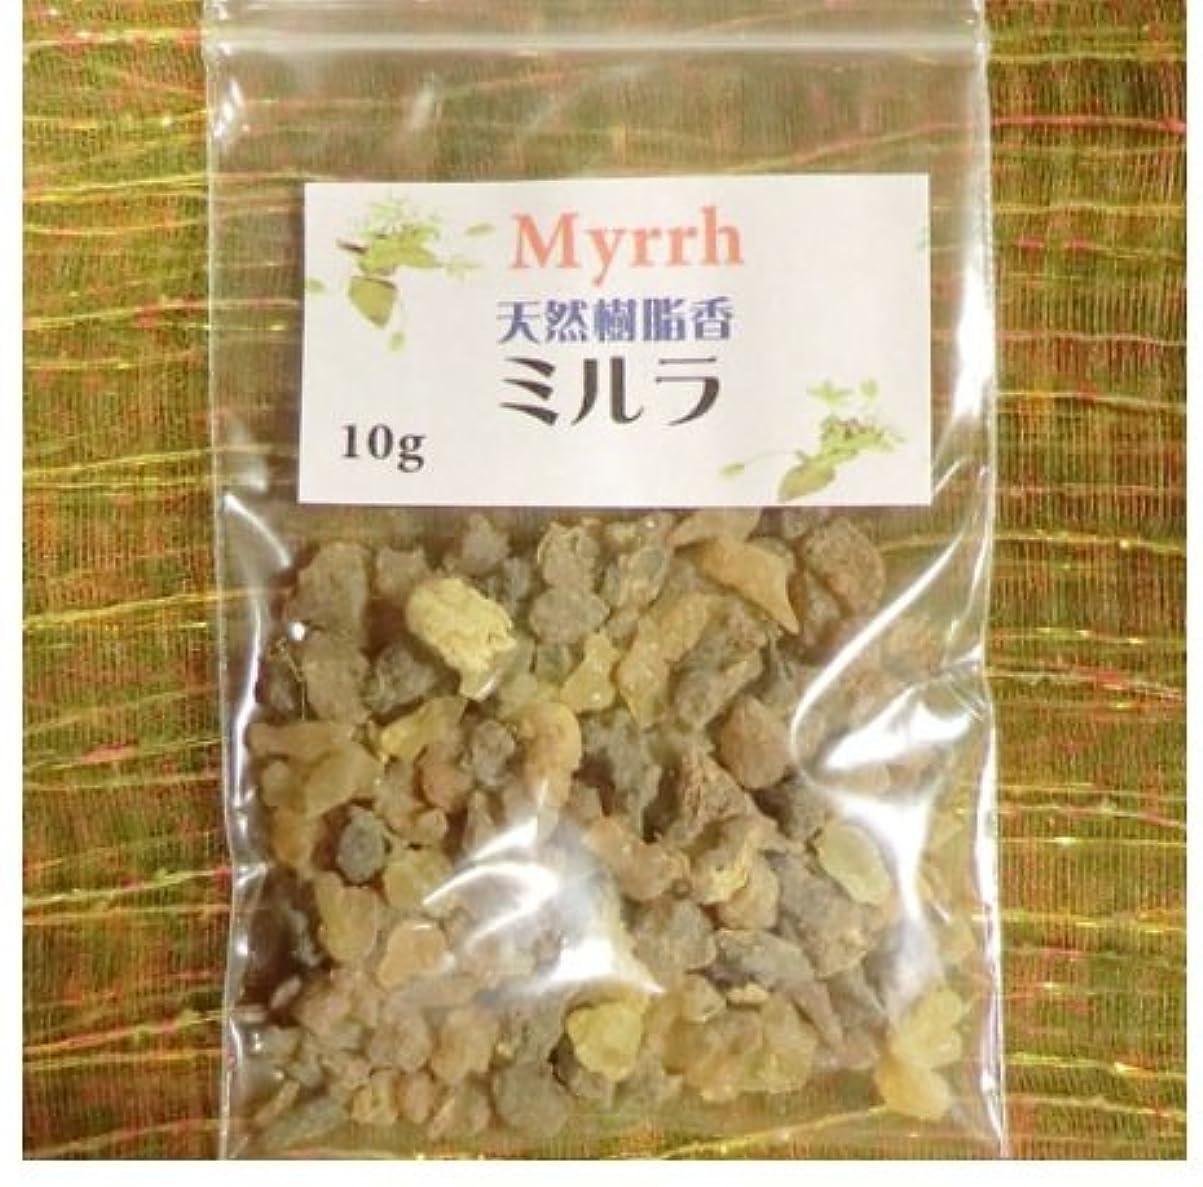 スペアトレーダーカジュアルミルラ Myrrh (没薬) 天然樹脂香 10g (ミルラ)